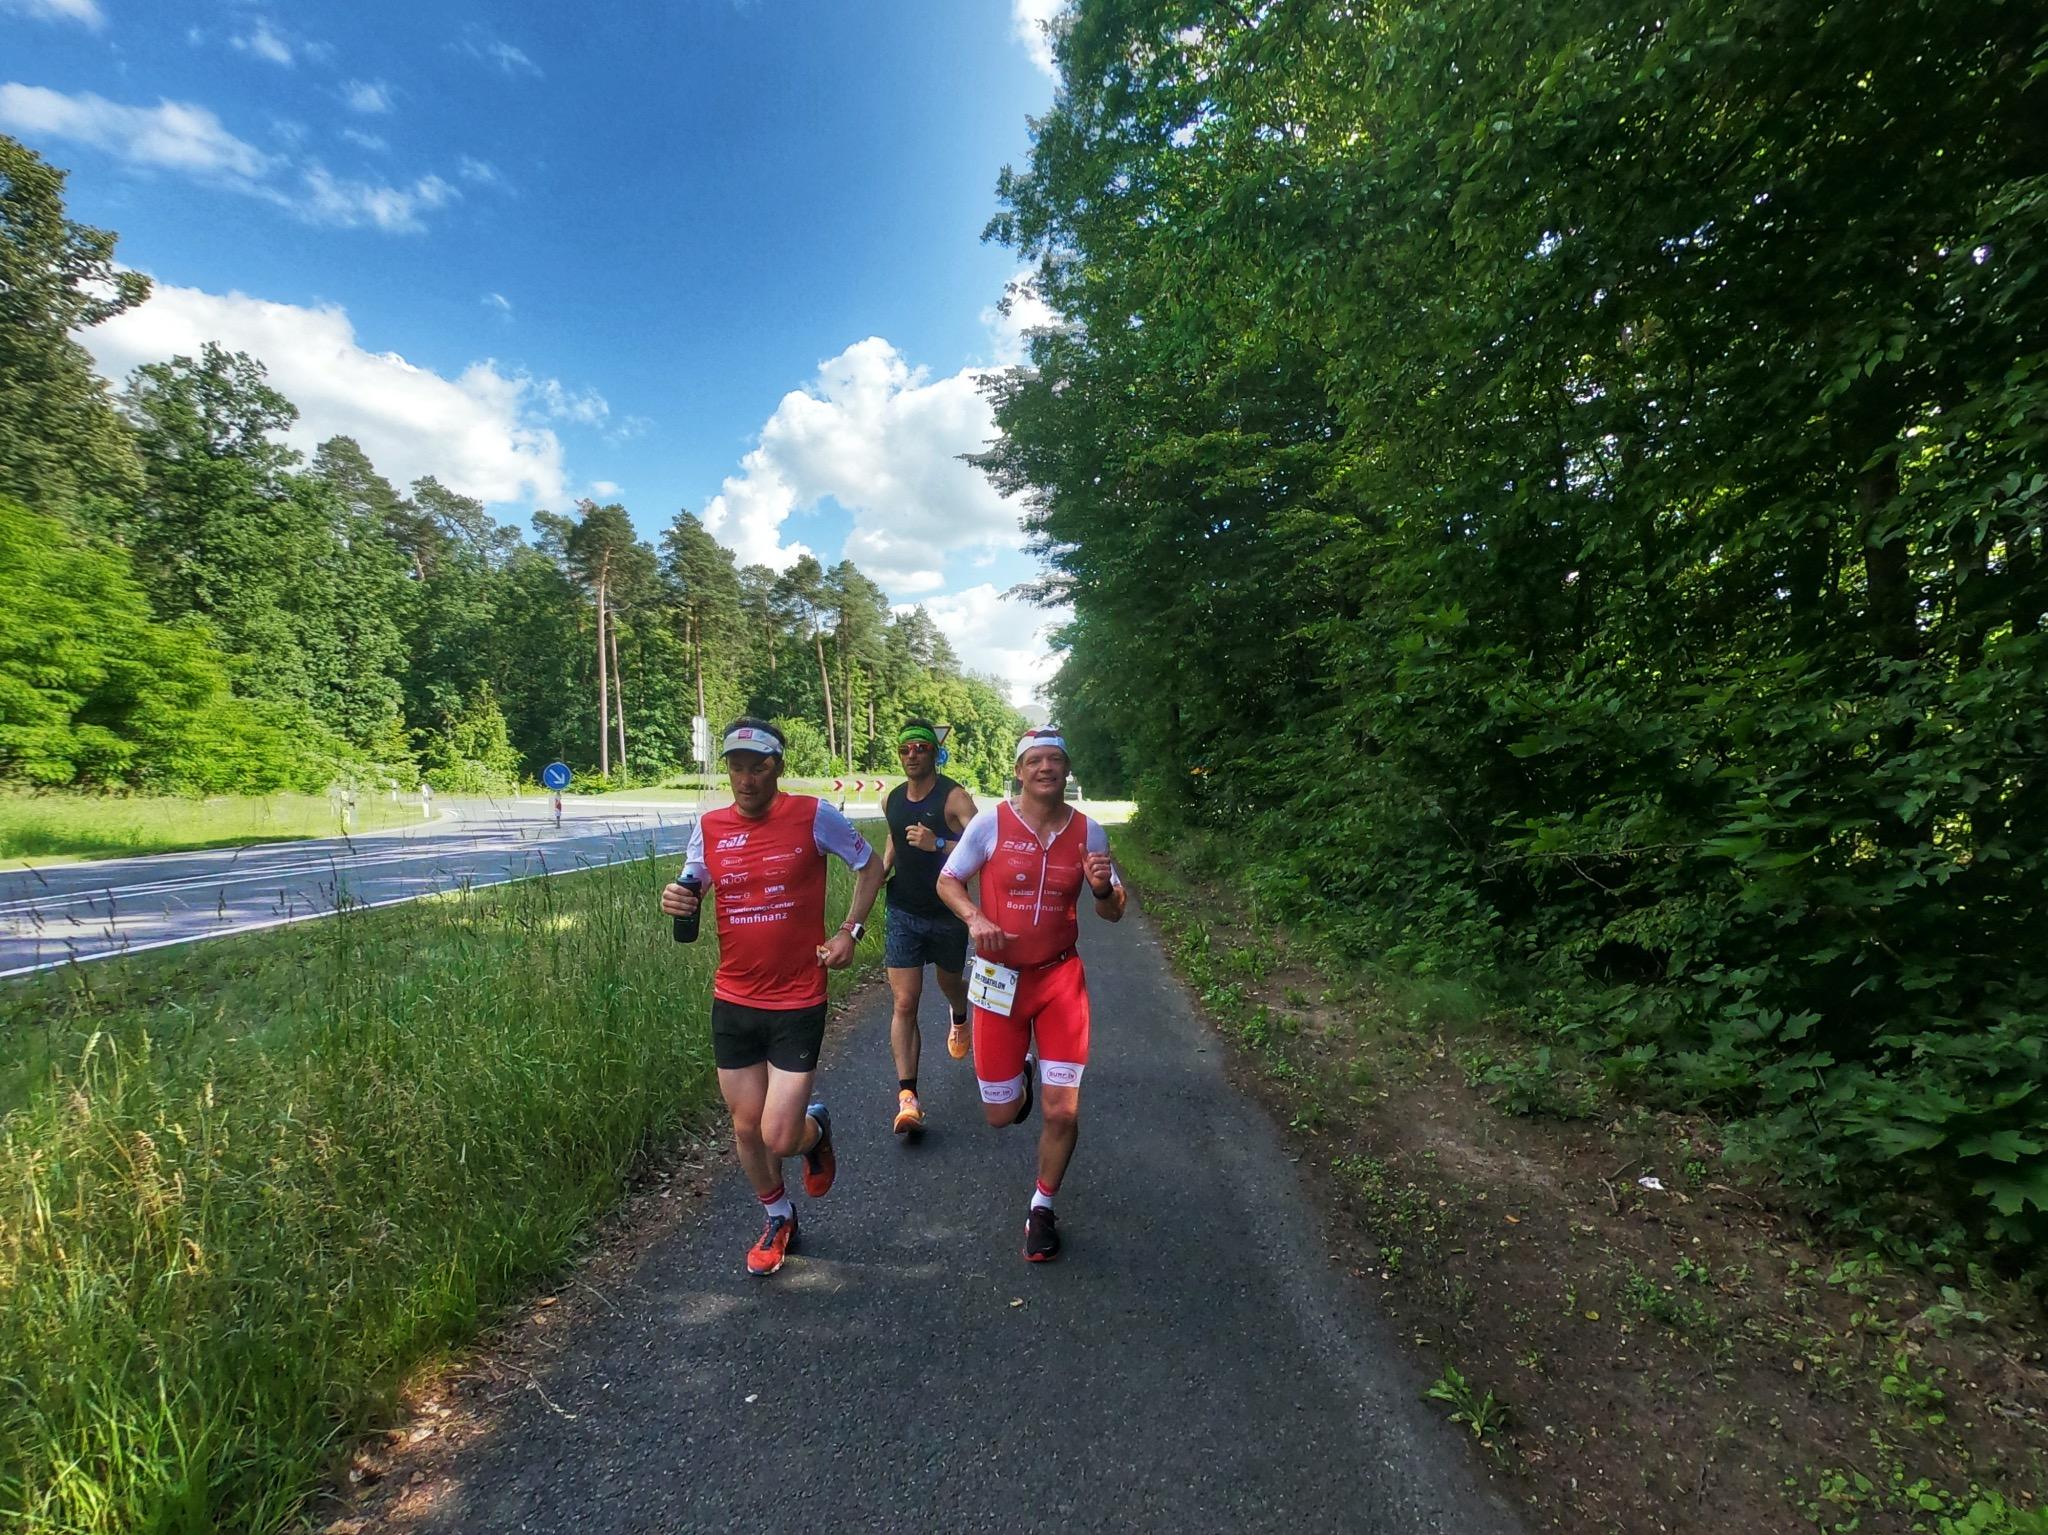 Christian Körber (vorne rechts) und seine Freunde beim Absolvieren des Marathons. Foto: Abteilung Laufen-Triathlon TG 48 Schweinfurt